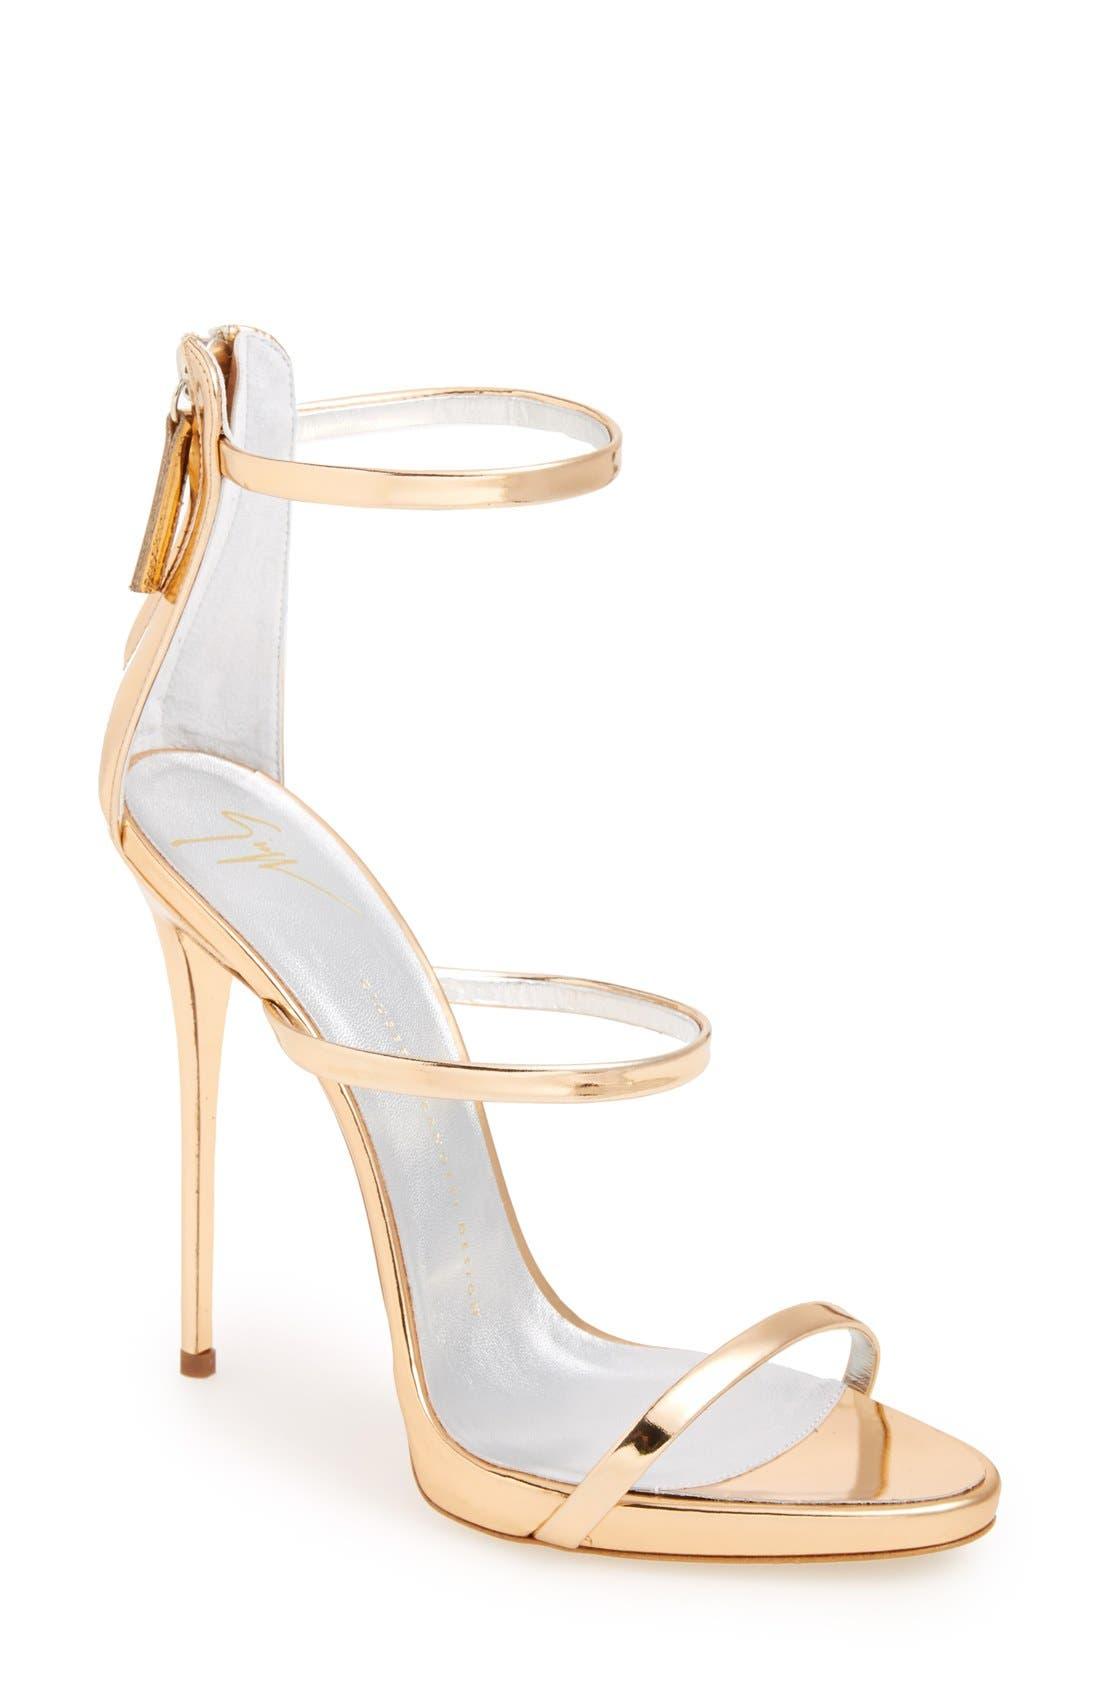 Alternate Image 1 Selected - Giuseppe Zanotti'Coline' Sandal (Women)